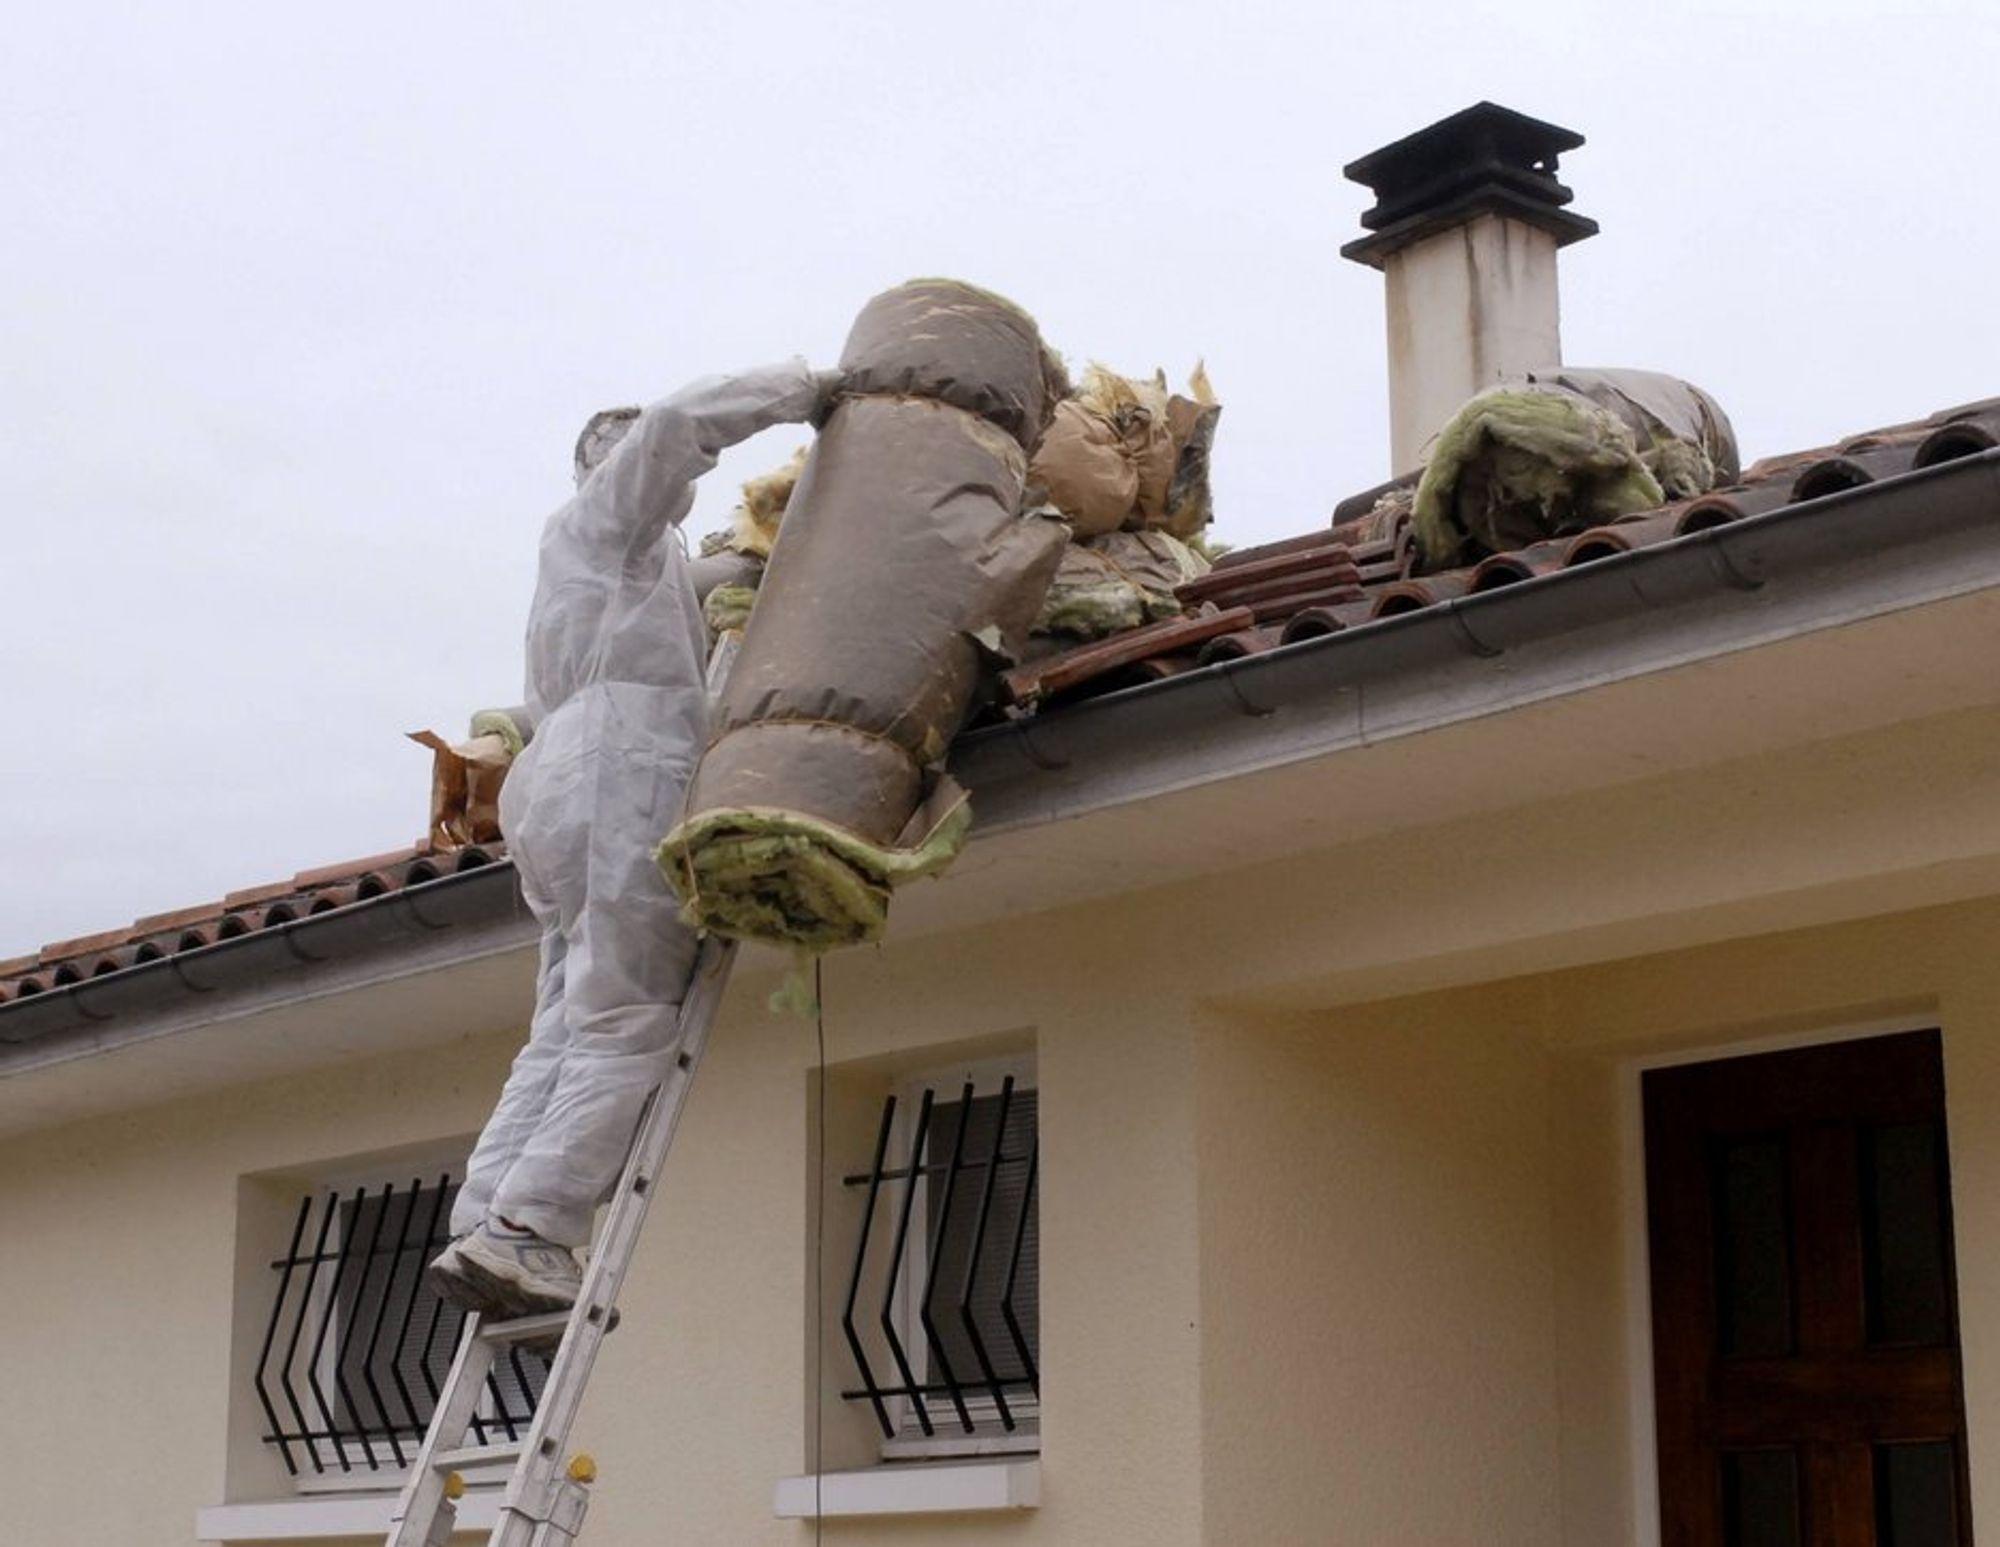 KLIMATILTAK: Isolering av hus kan være et enkelt og billig klimatiltak, da energiforbruket synker. Nå vil kommunene ha et fond på fire milliarder kroner som skal finansiere slike lokale tiltak.